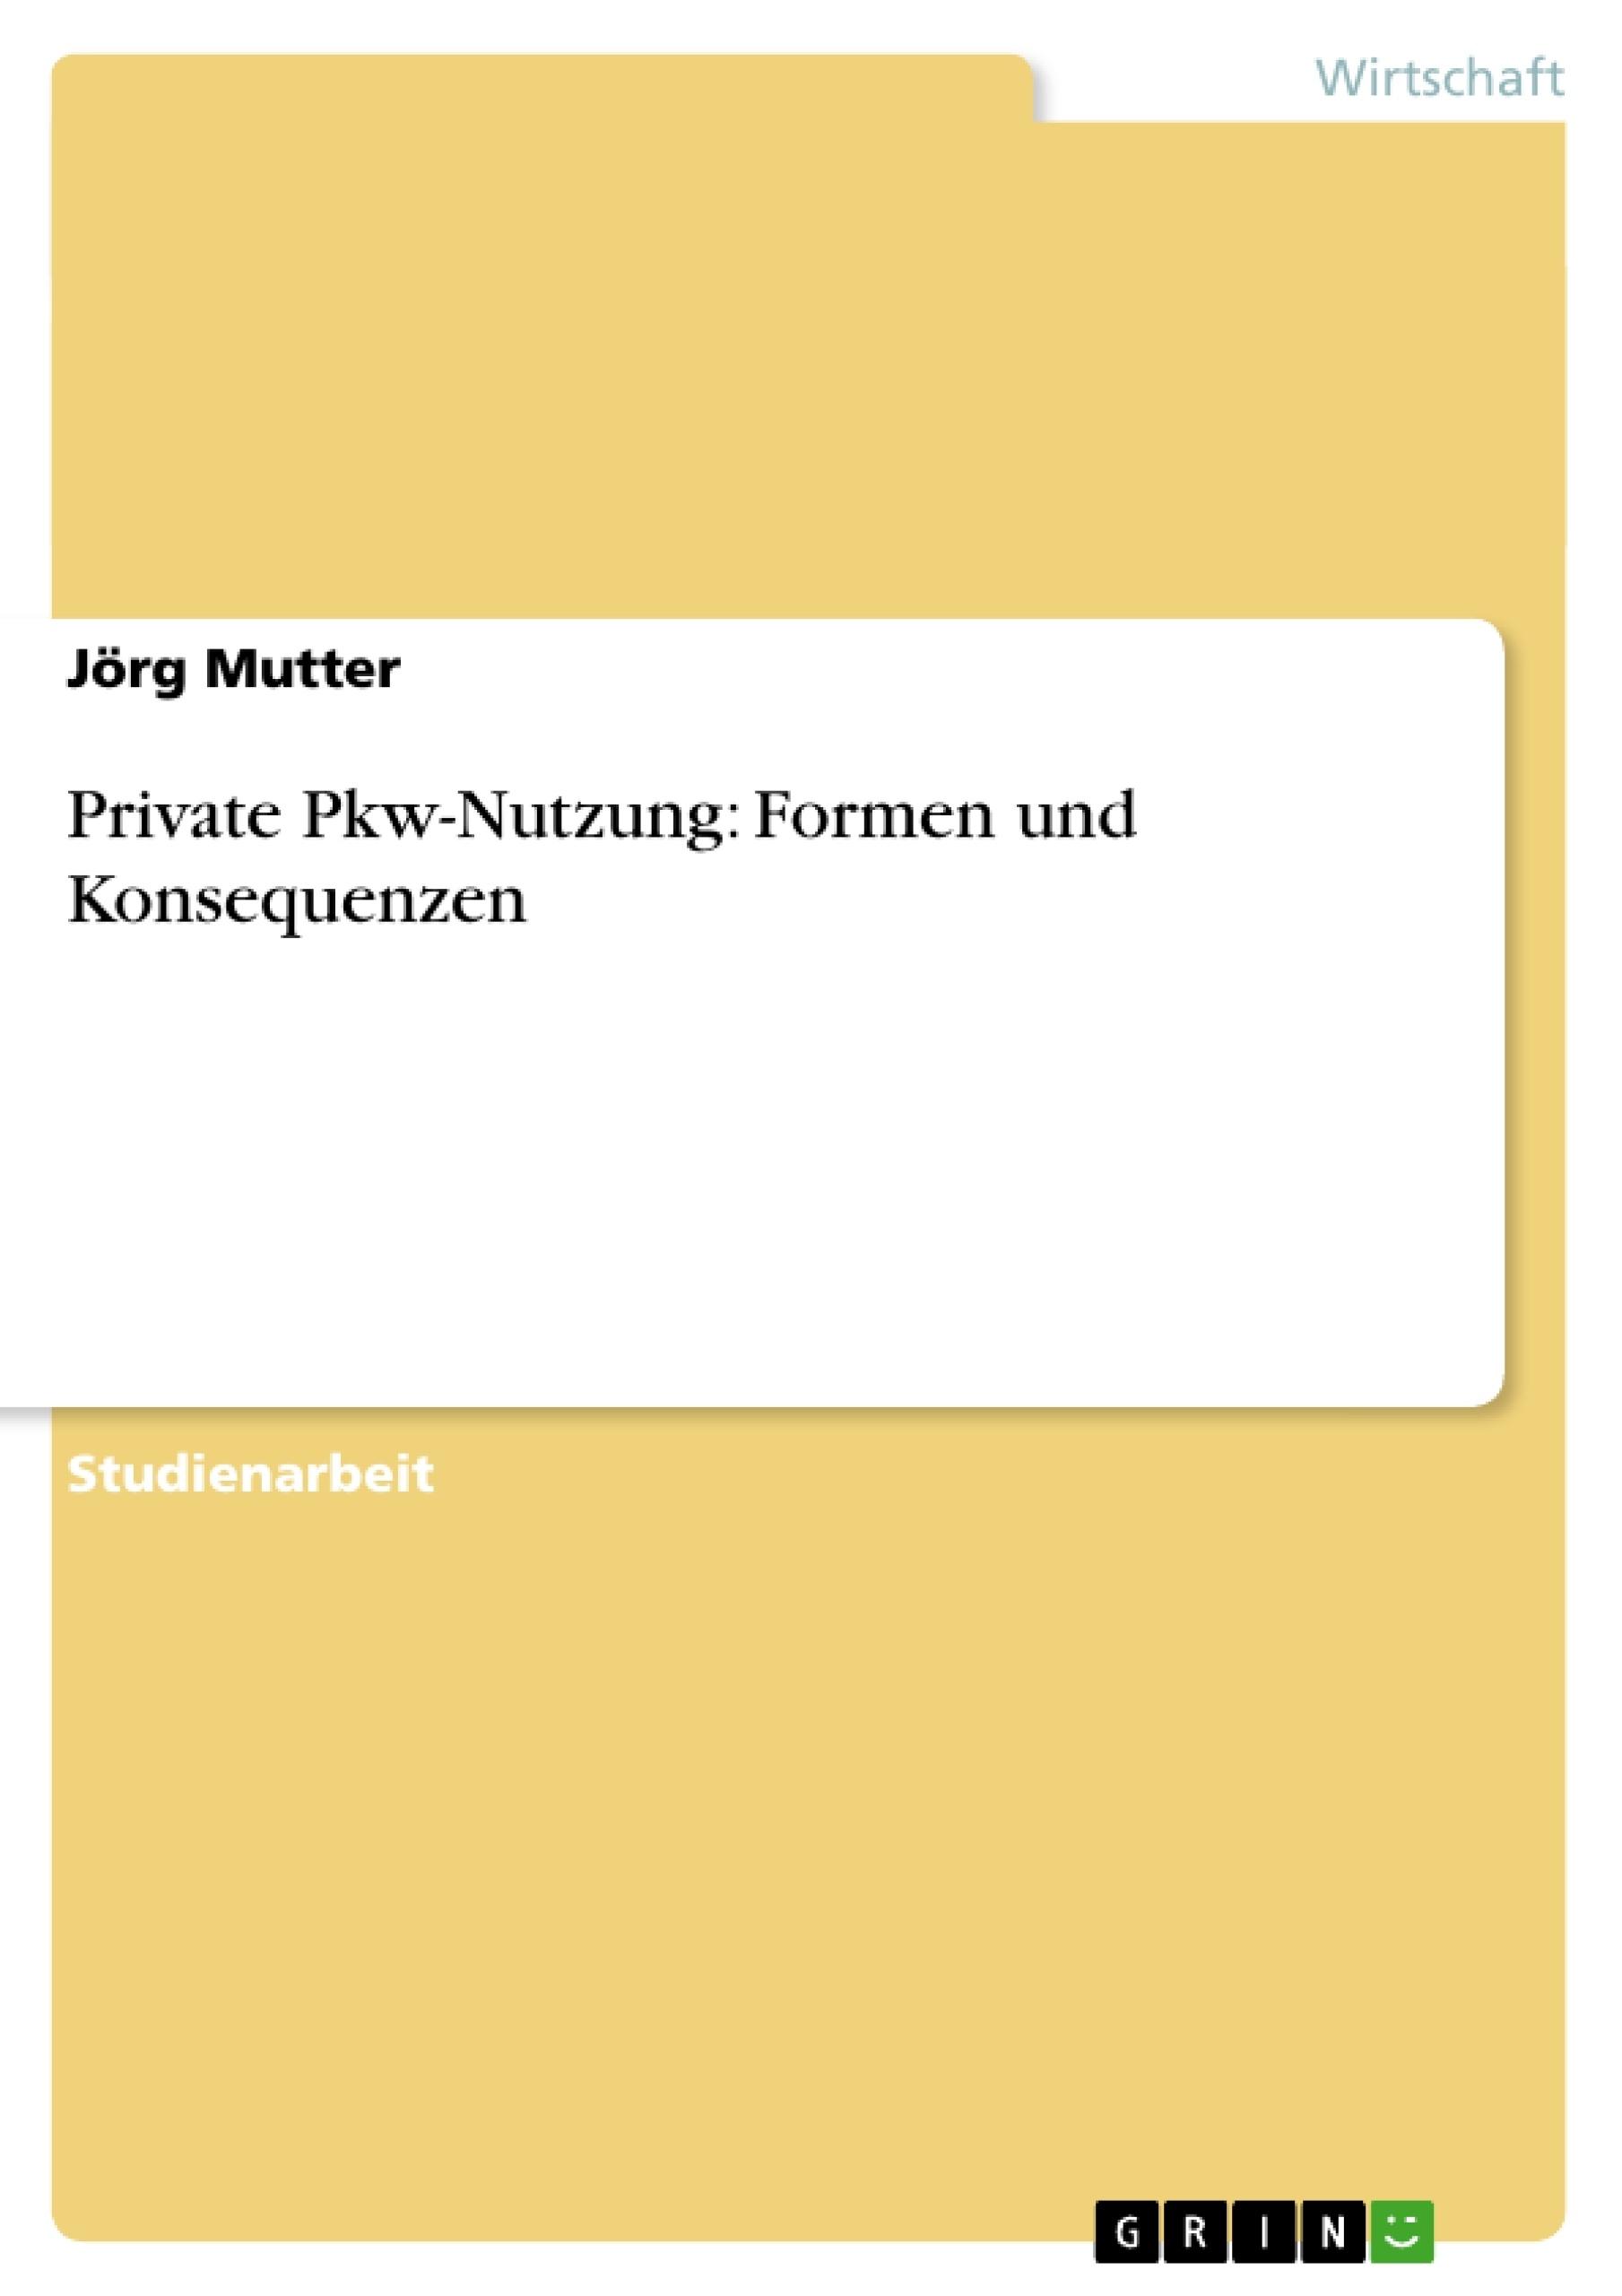 Titel: Private Pkw-Nutzung: Formen und Konsequenzen